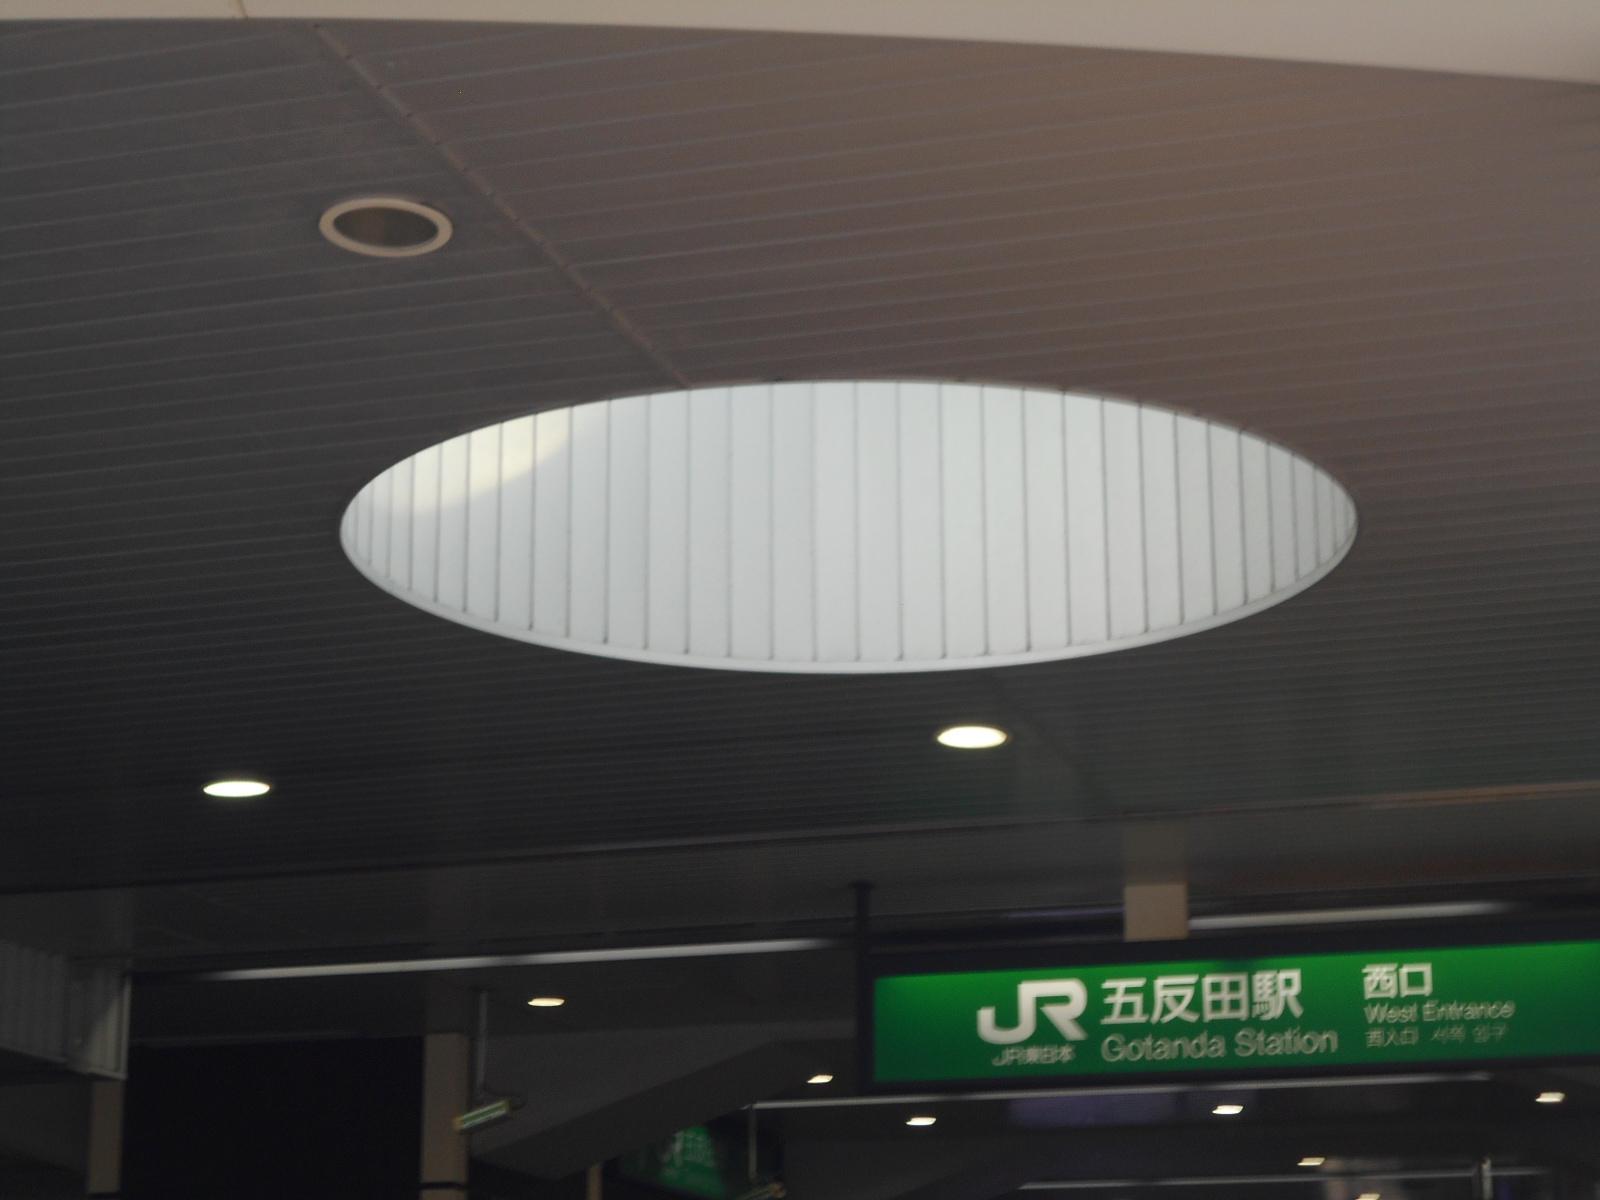 DSCN1835.jpg